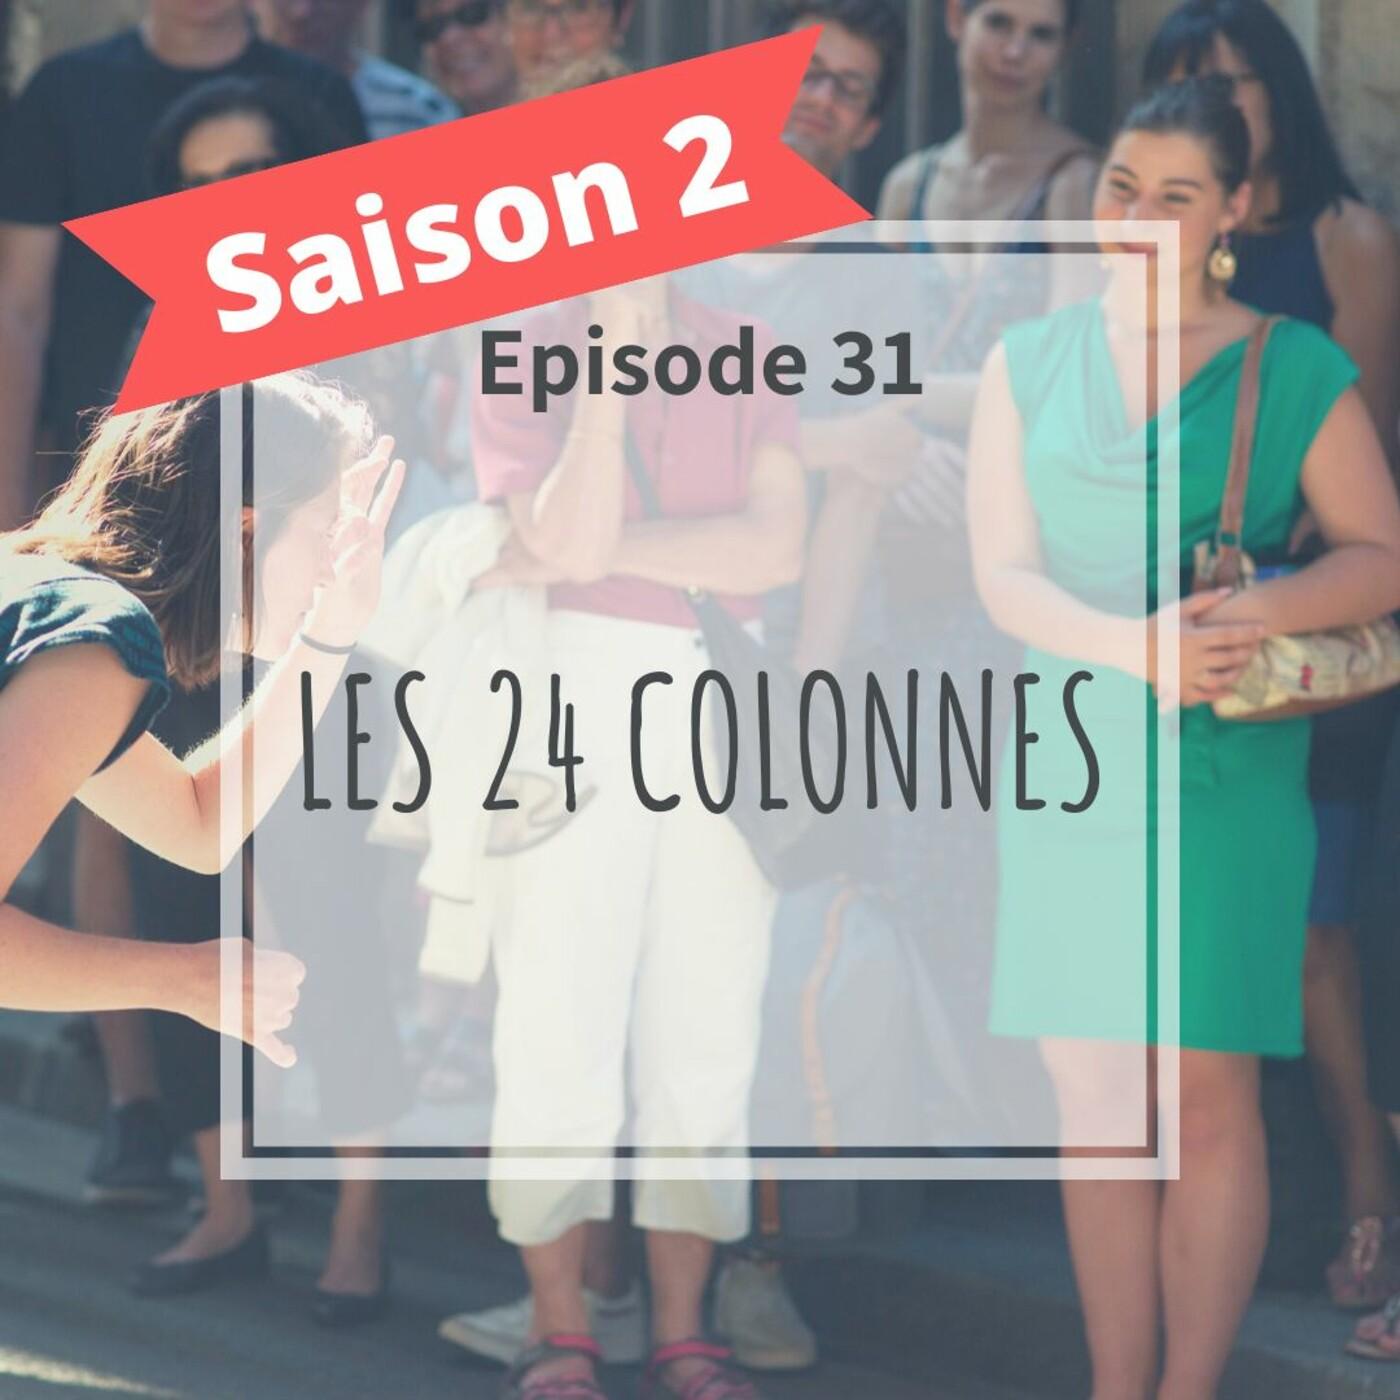 2-31 - Les 24 Colonnes